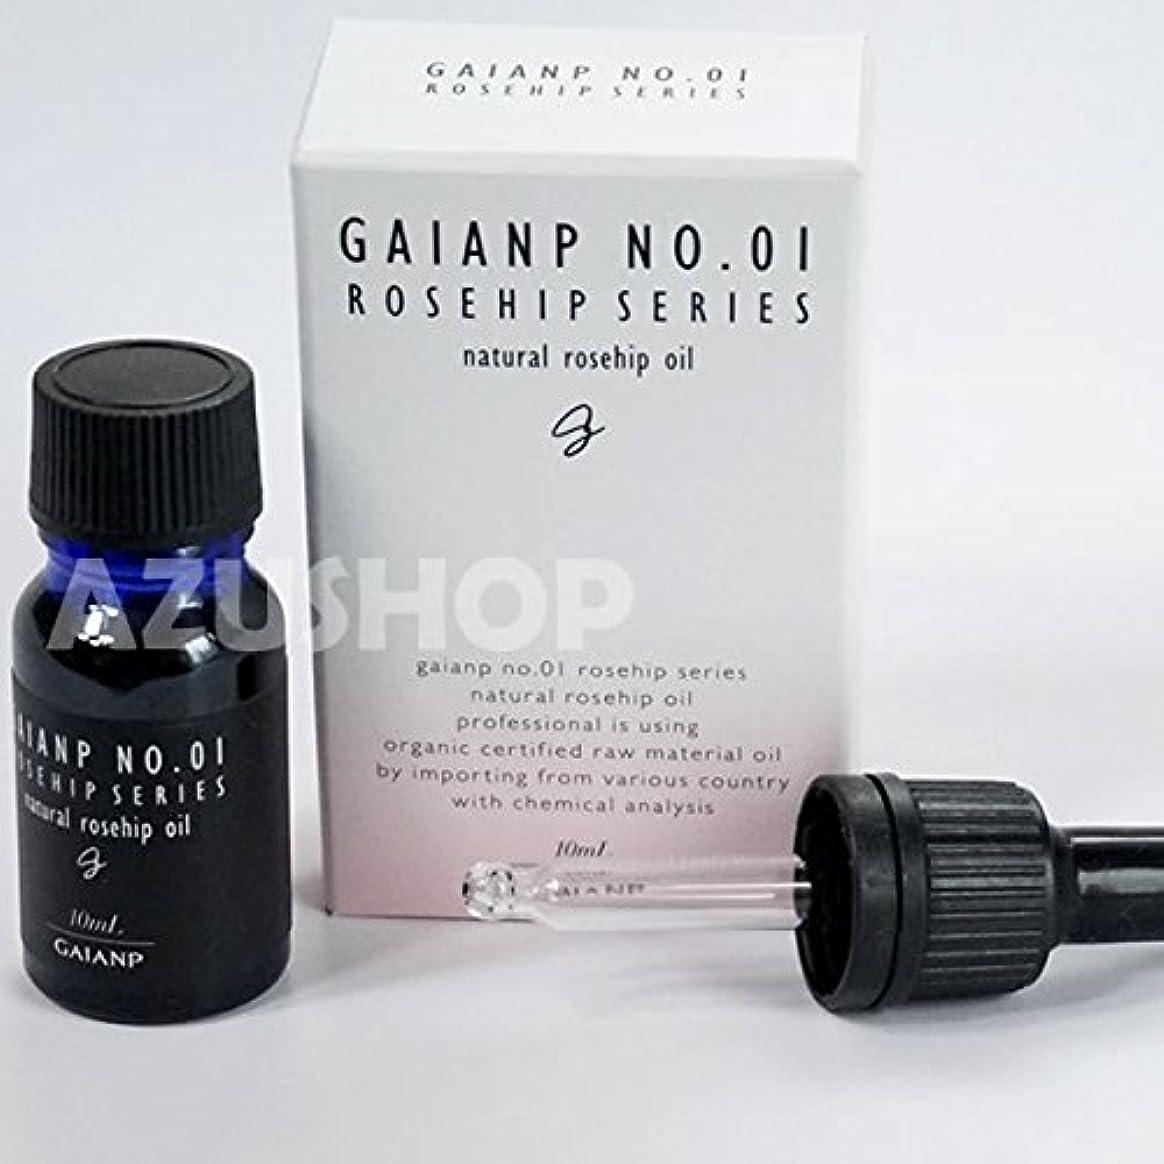 謎ソケット管理するオーガニックナチュラルローズヒップオイル/10ml/ガイアNP/GAIANP